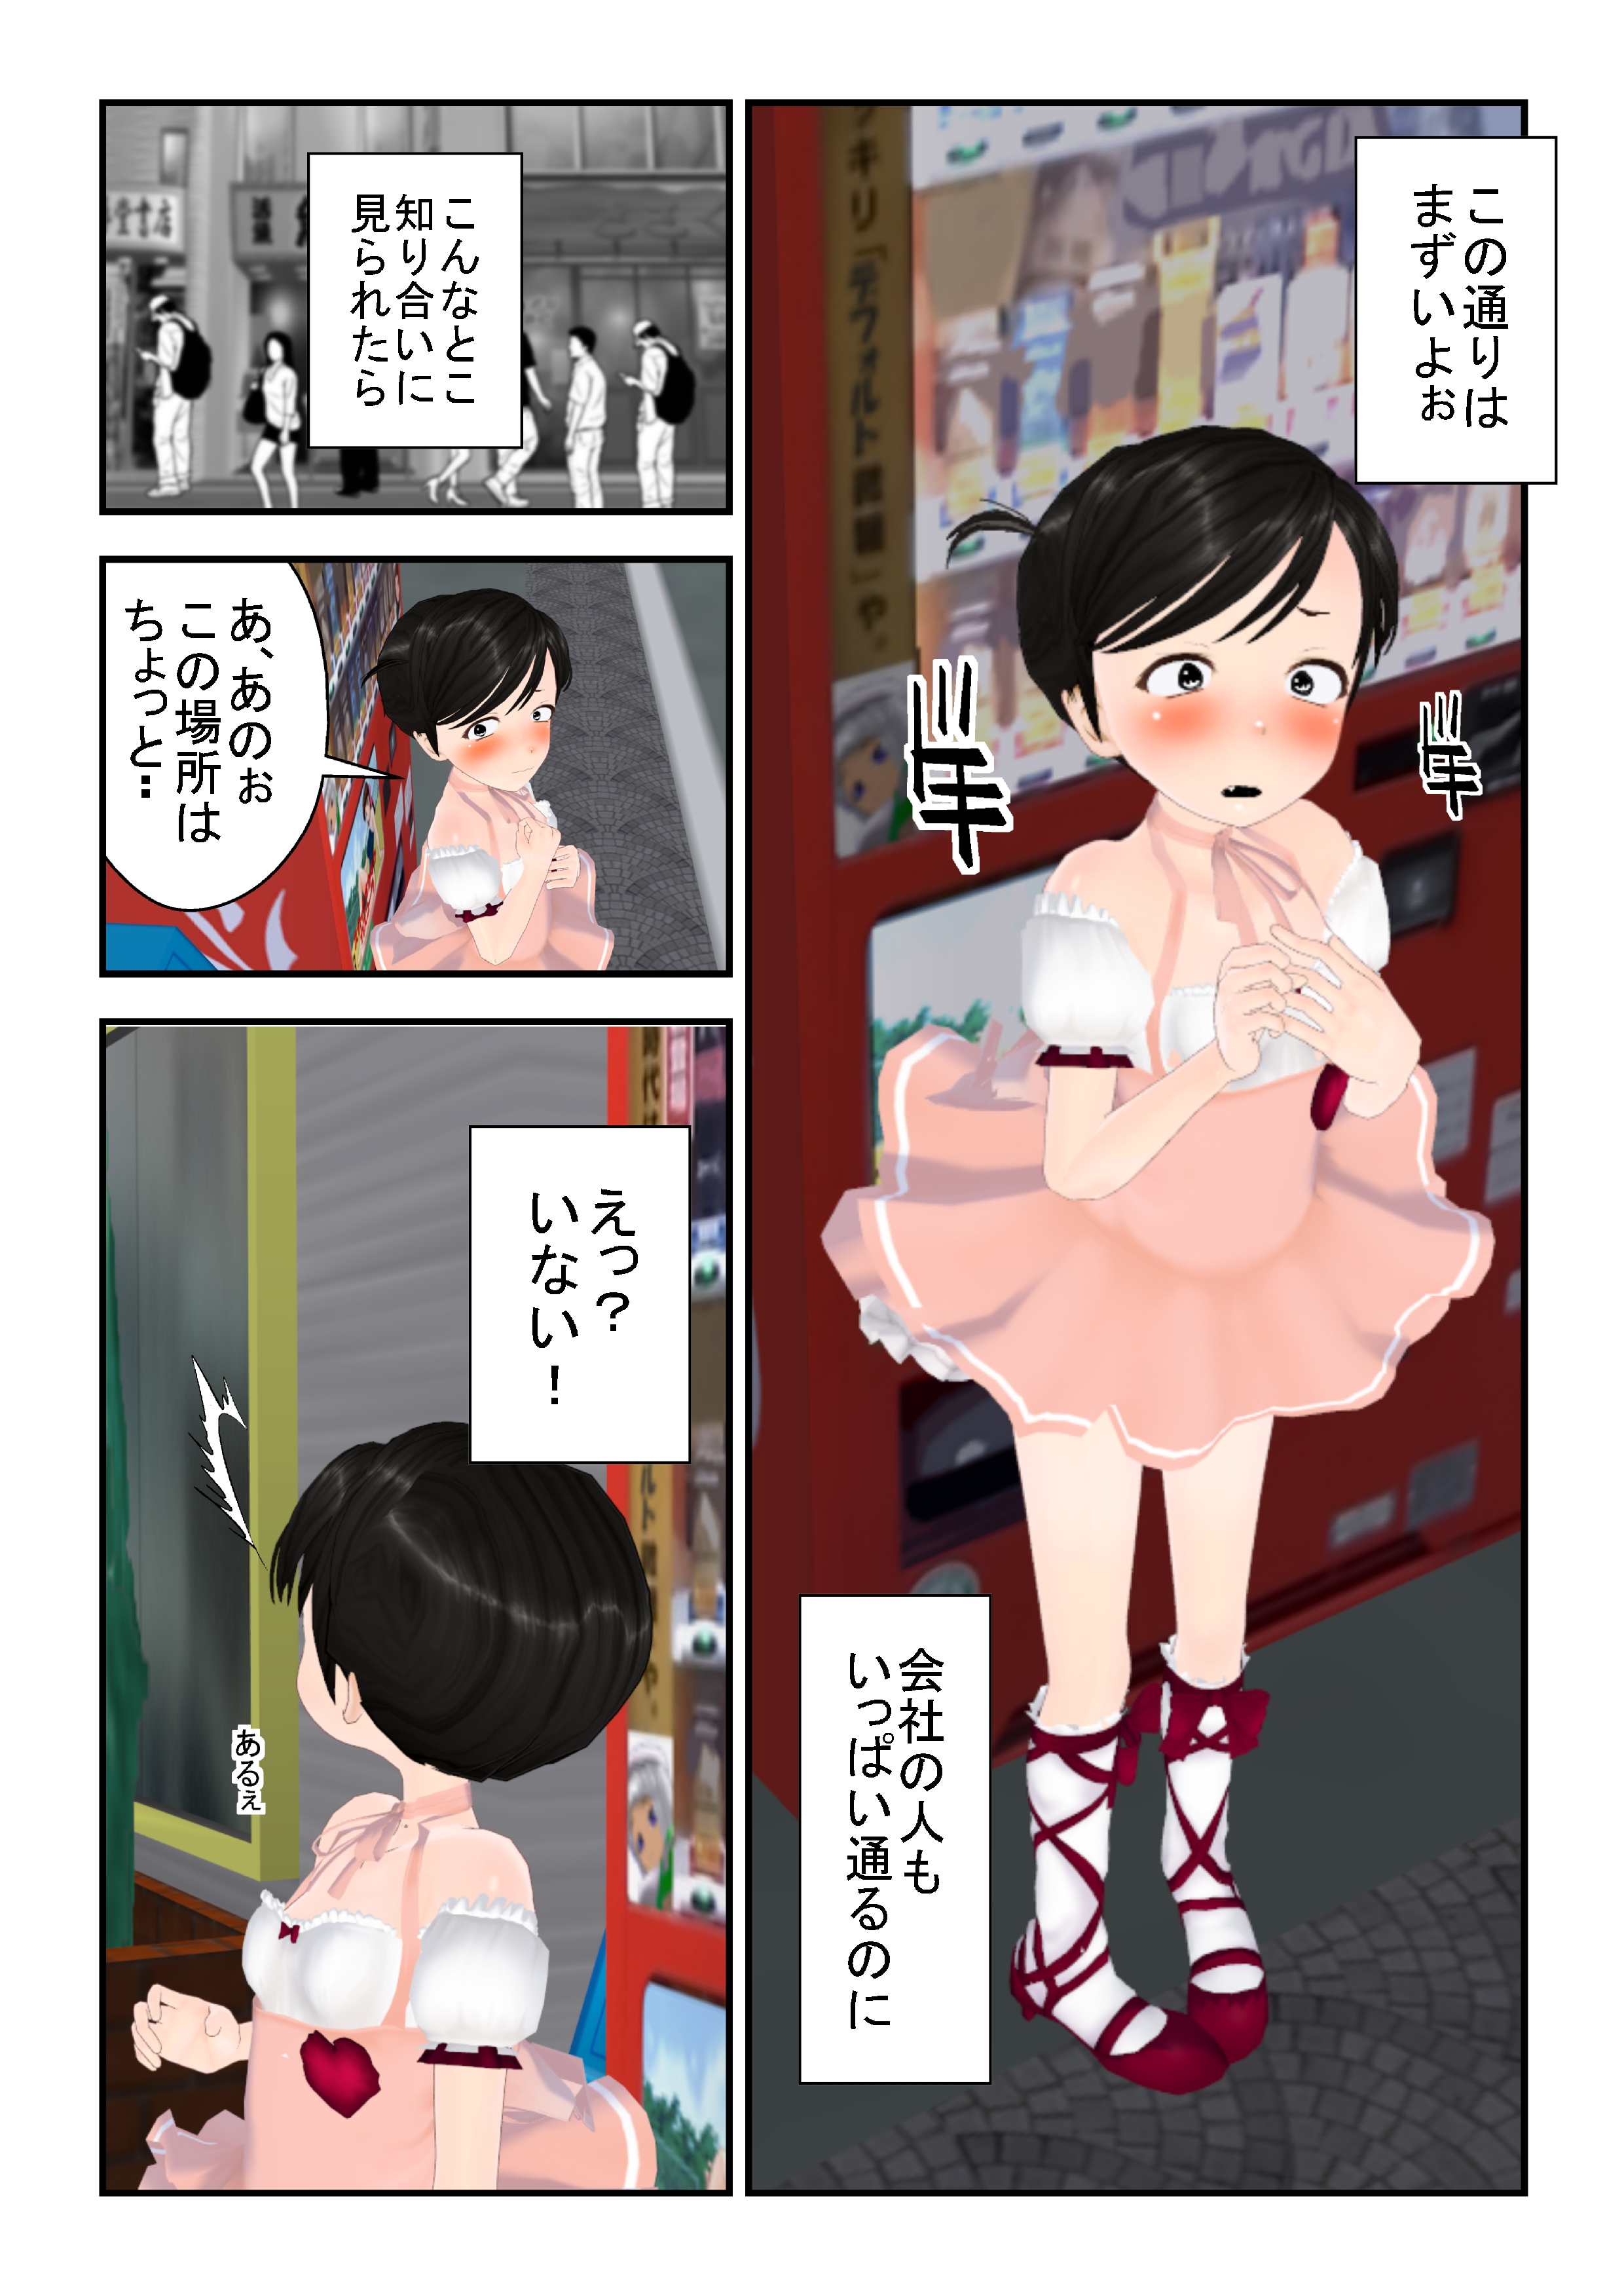 senkou_0014.jpg